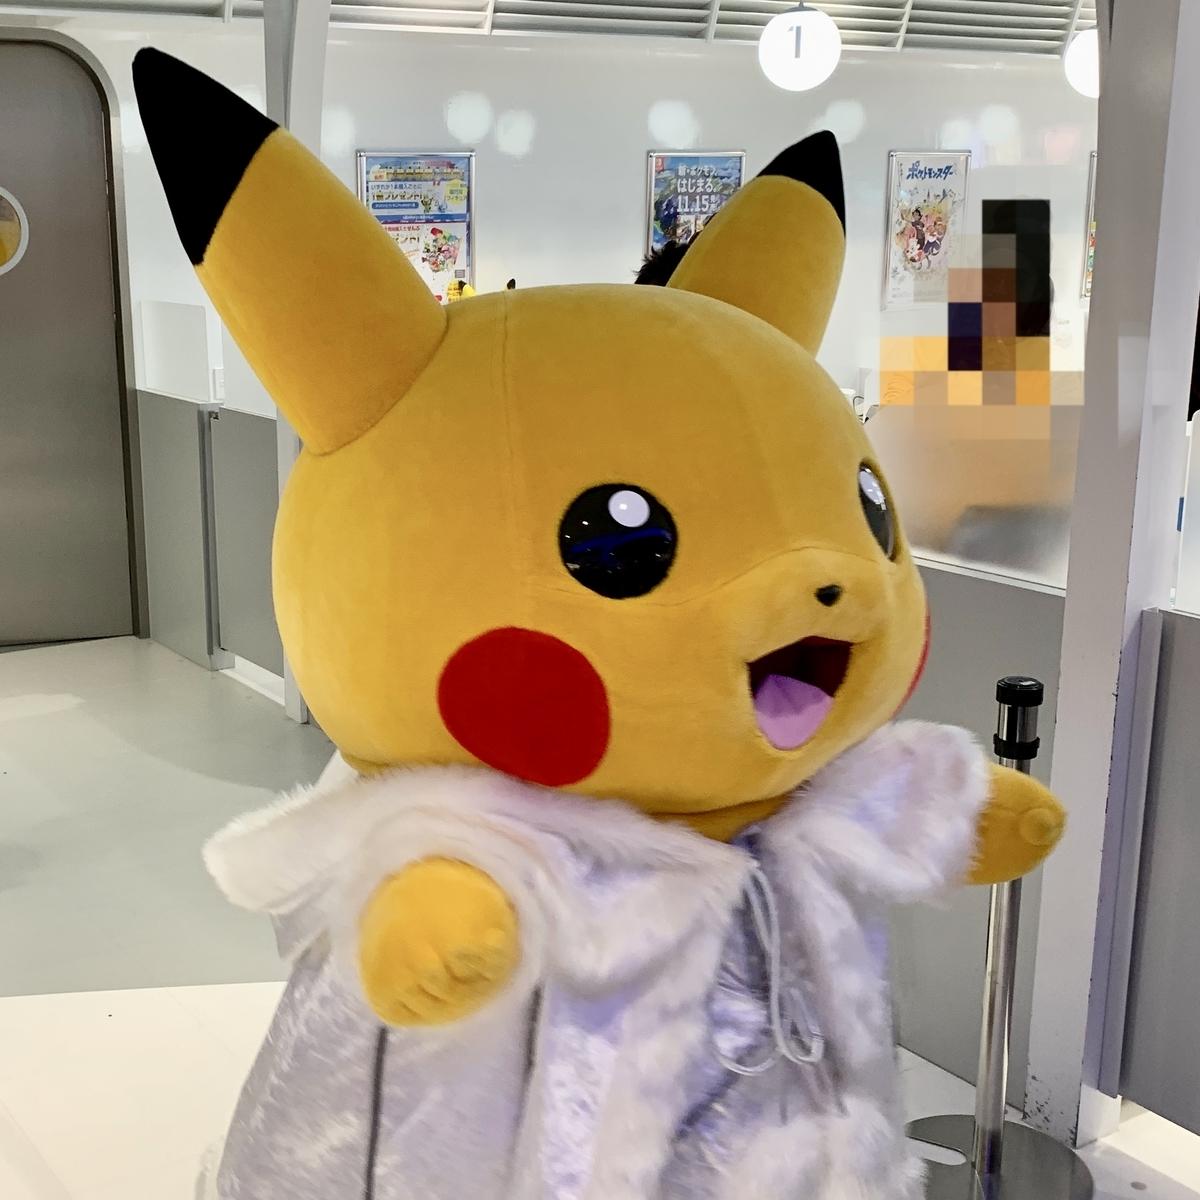 f:id:pikachu_pcn:20191201184915j:plain